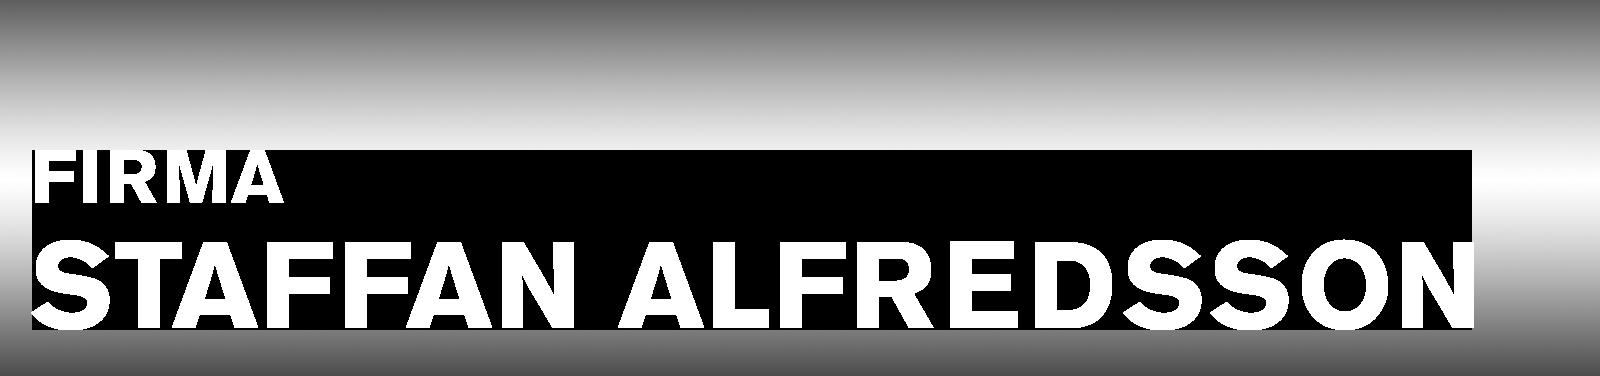 Staffan Alfredsson